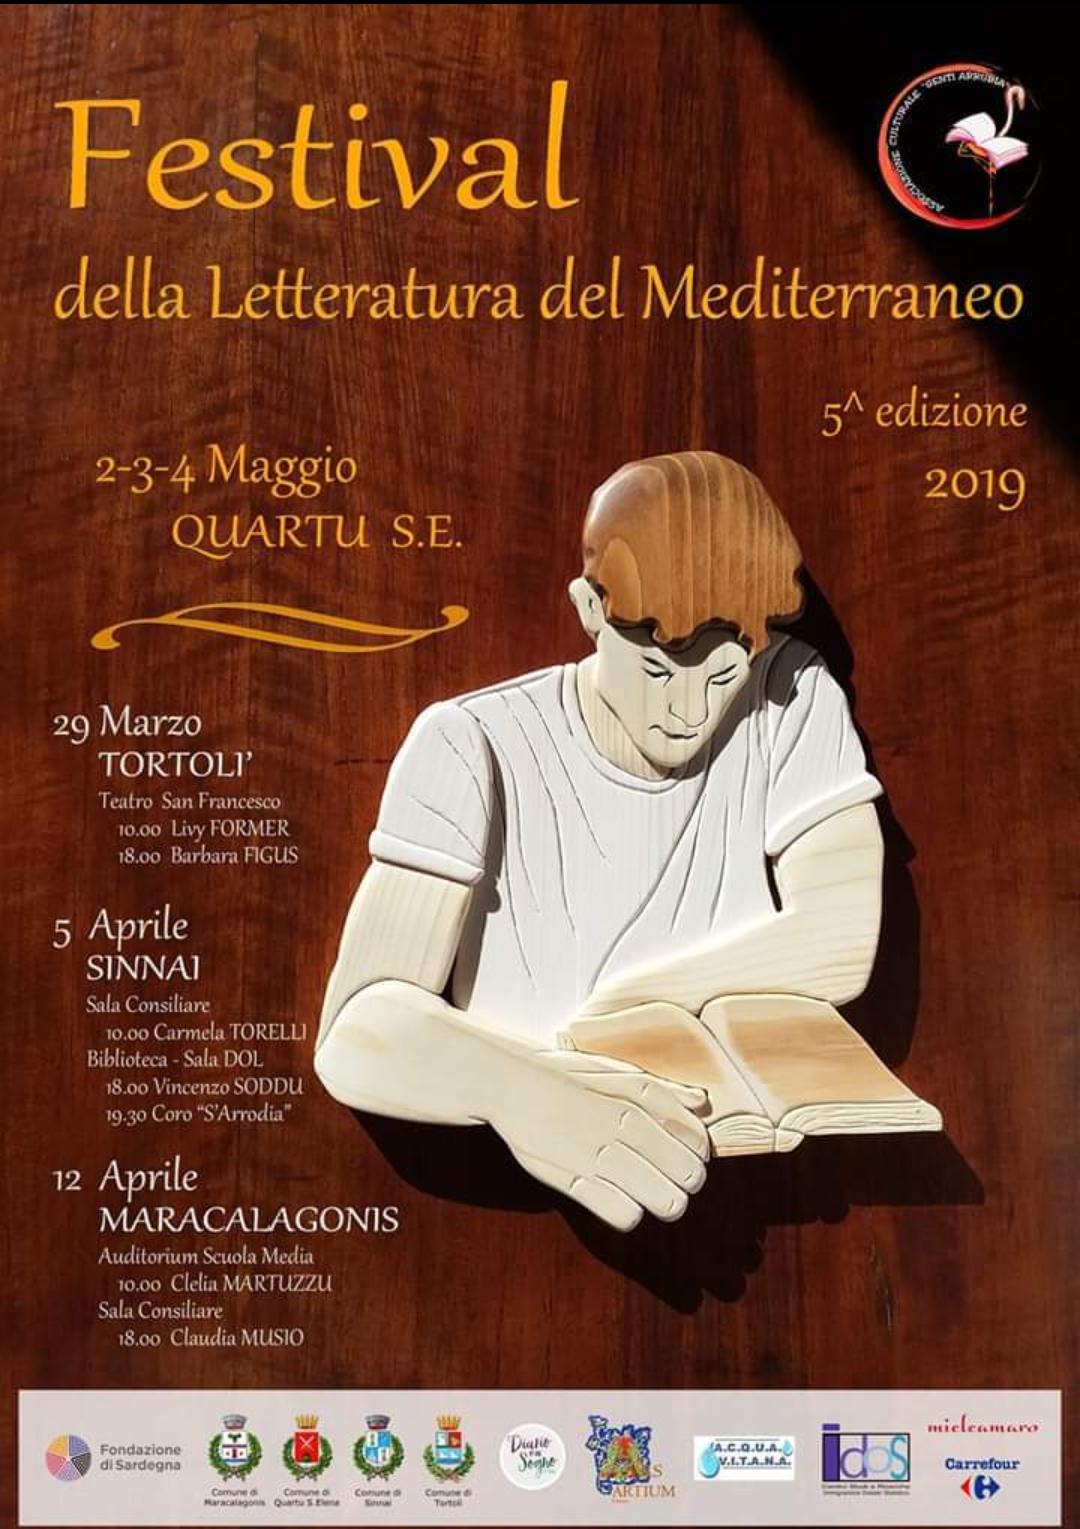 FESTIVAL DELLA LETTERATURA DEL MEDITERRANEO - 5^ EDIZIONE 2019